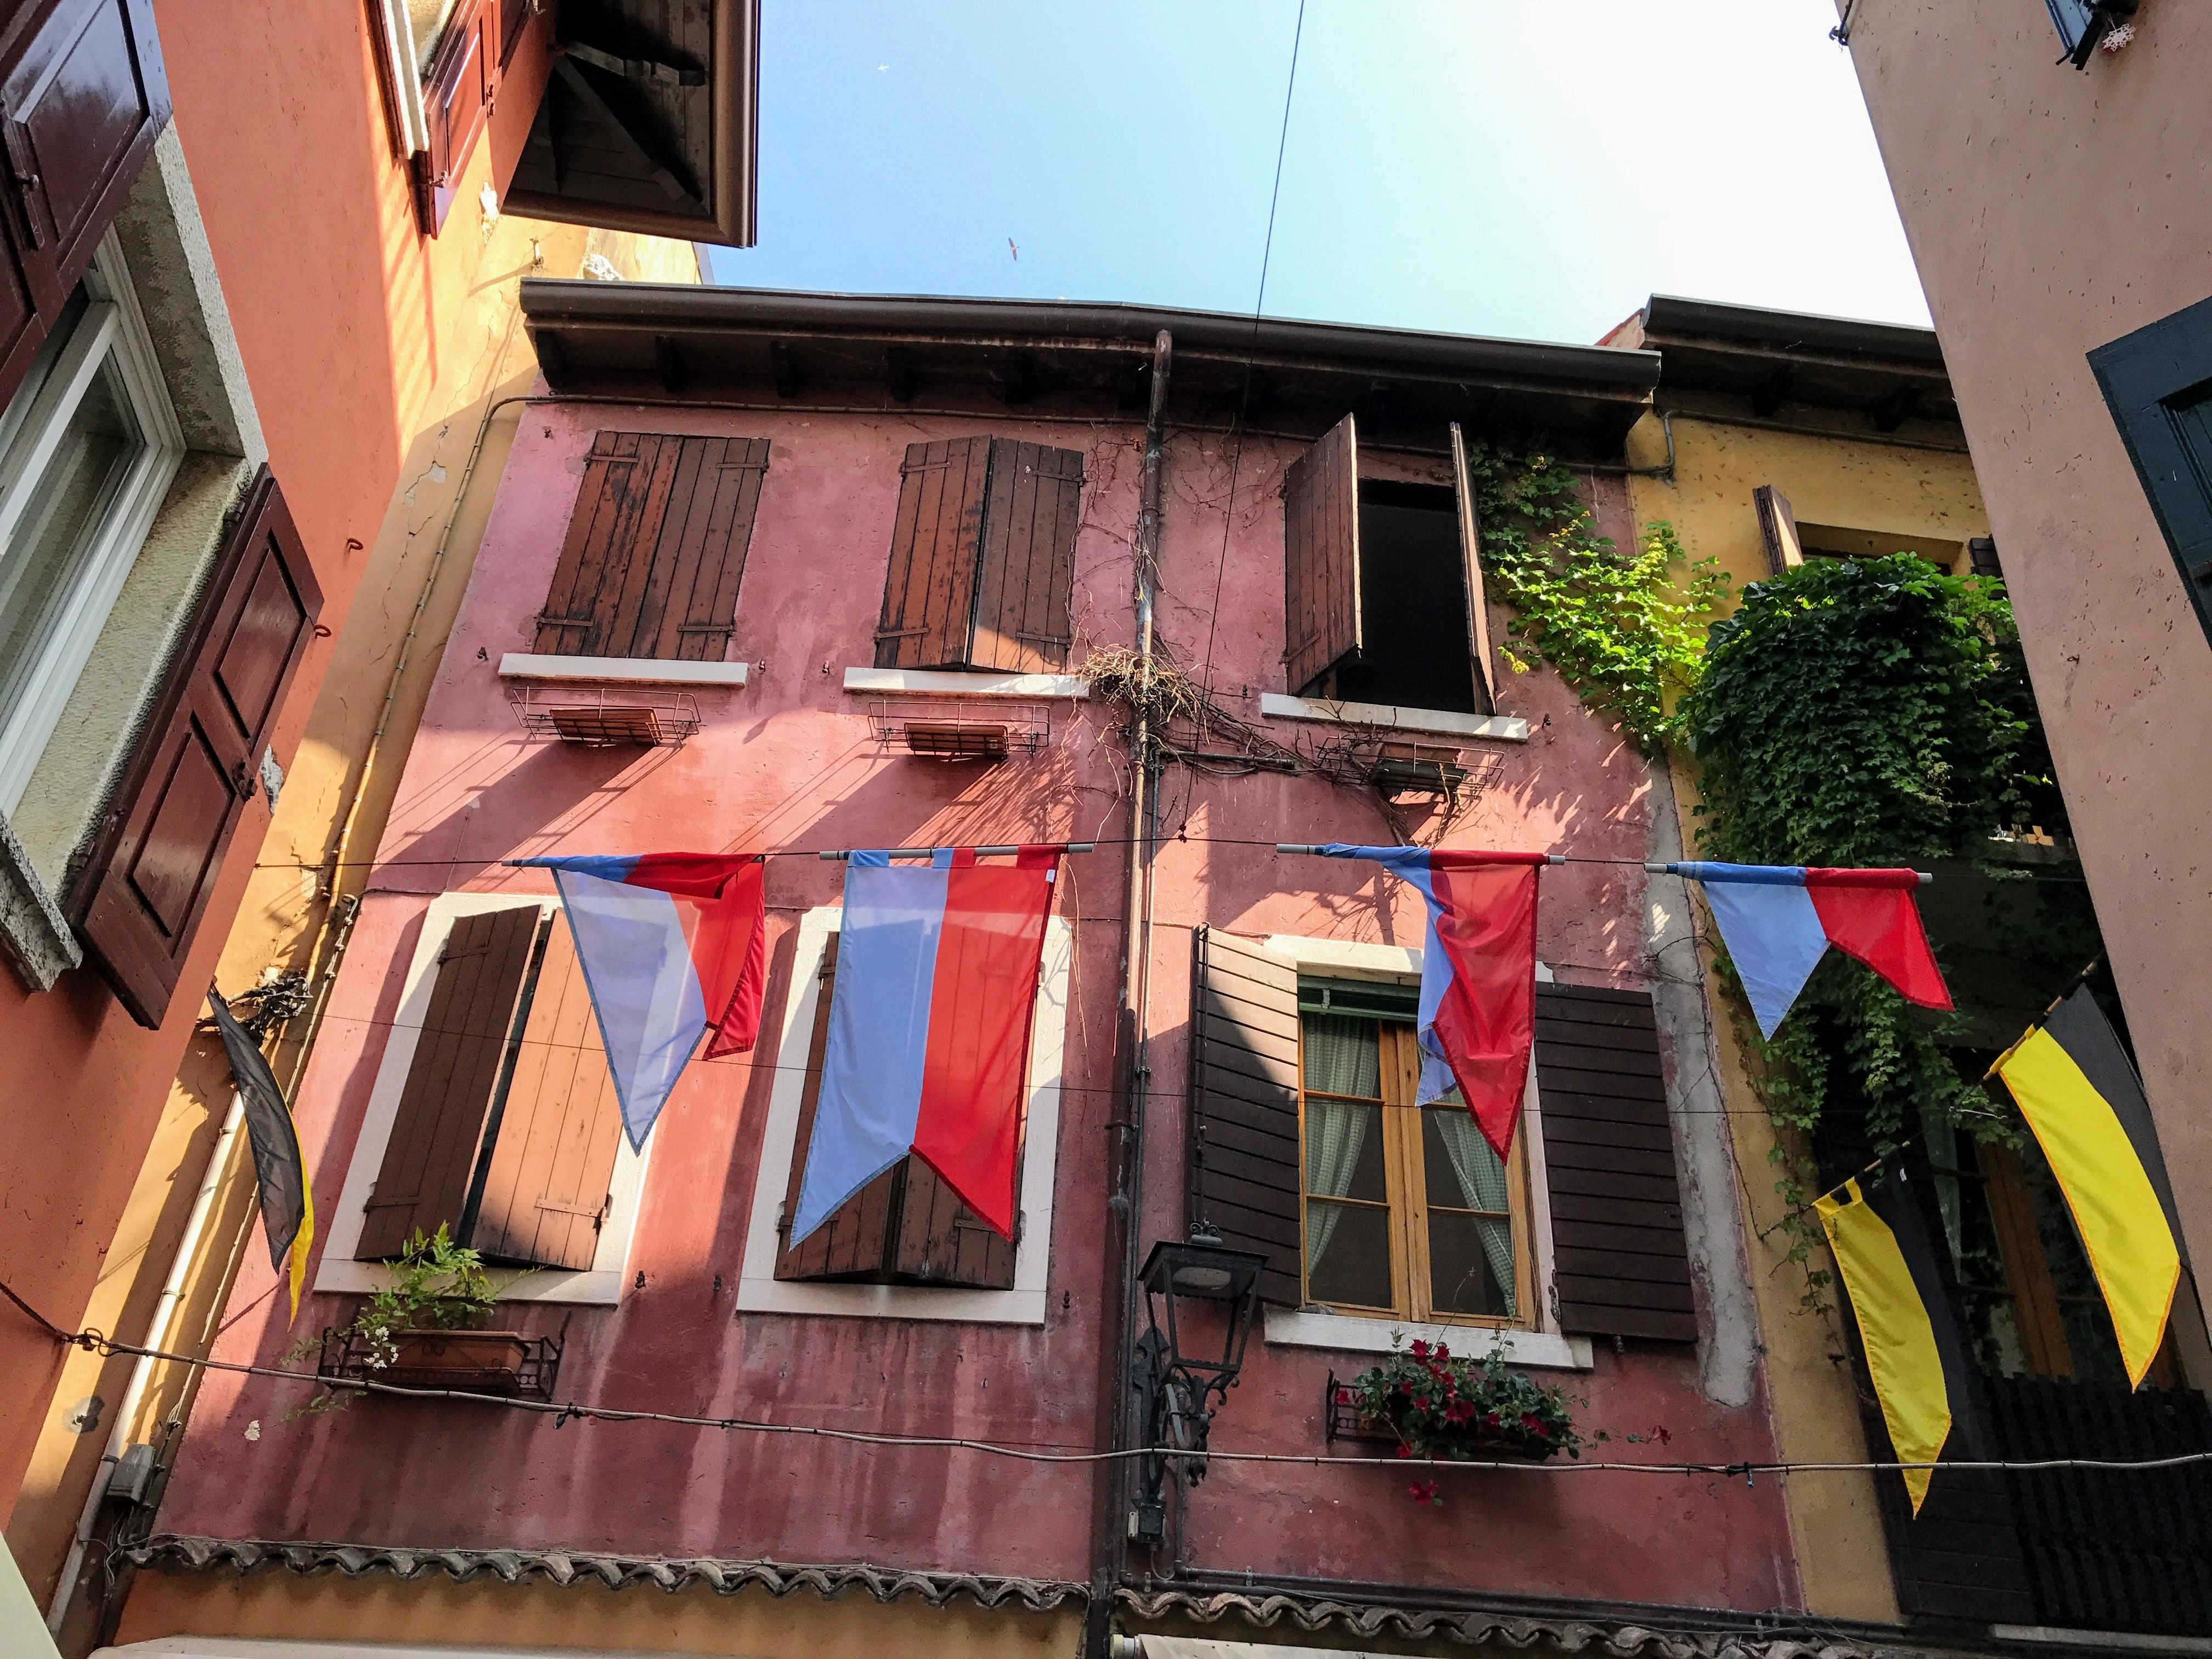 Een kleurrijk straatje in Garda